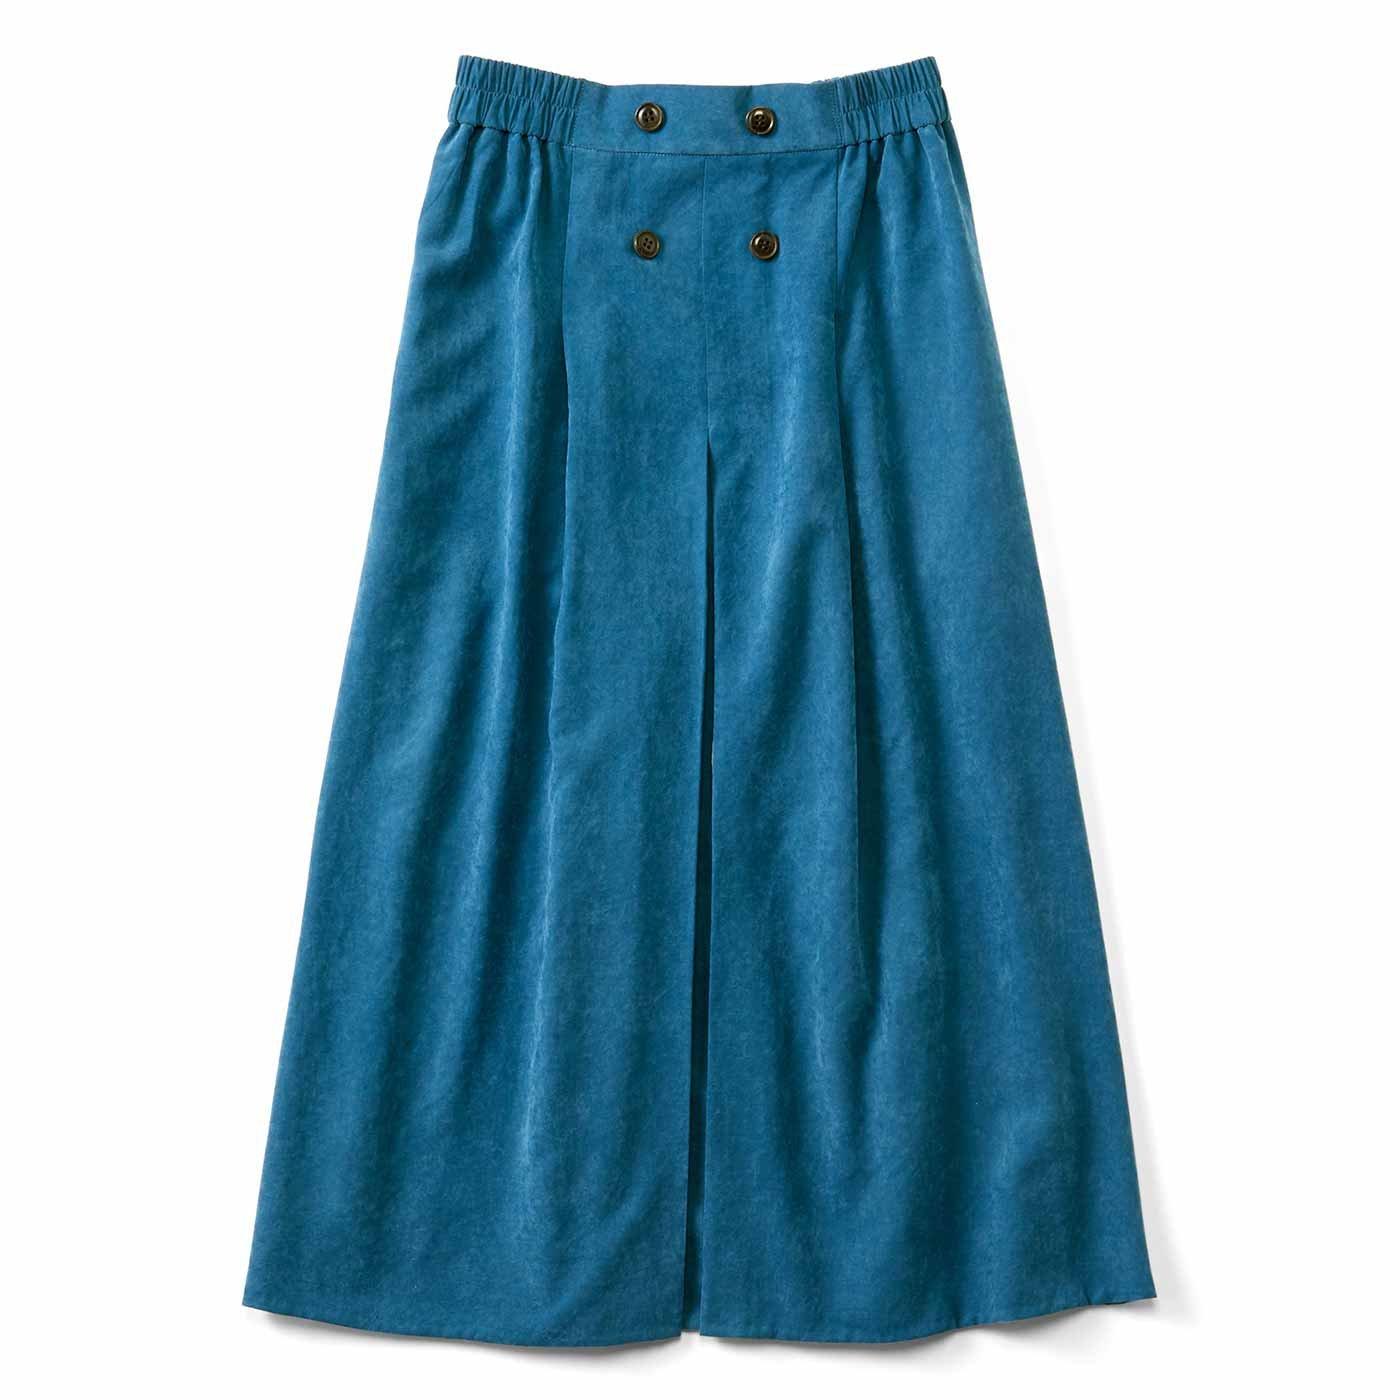 コーディネイト映え スエード調ボックスプリーツスカート〈ブルー〉